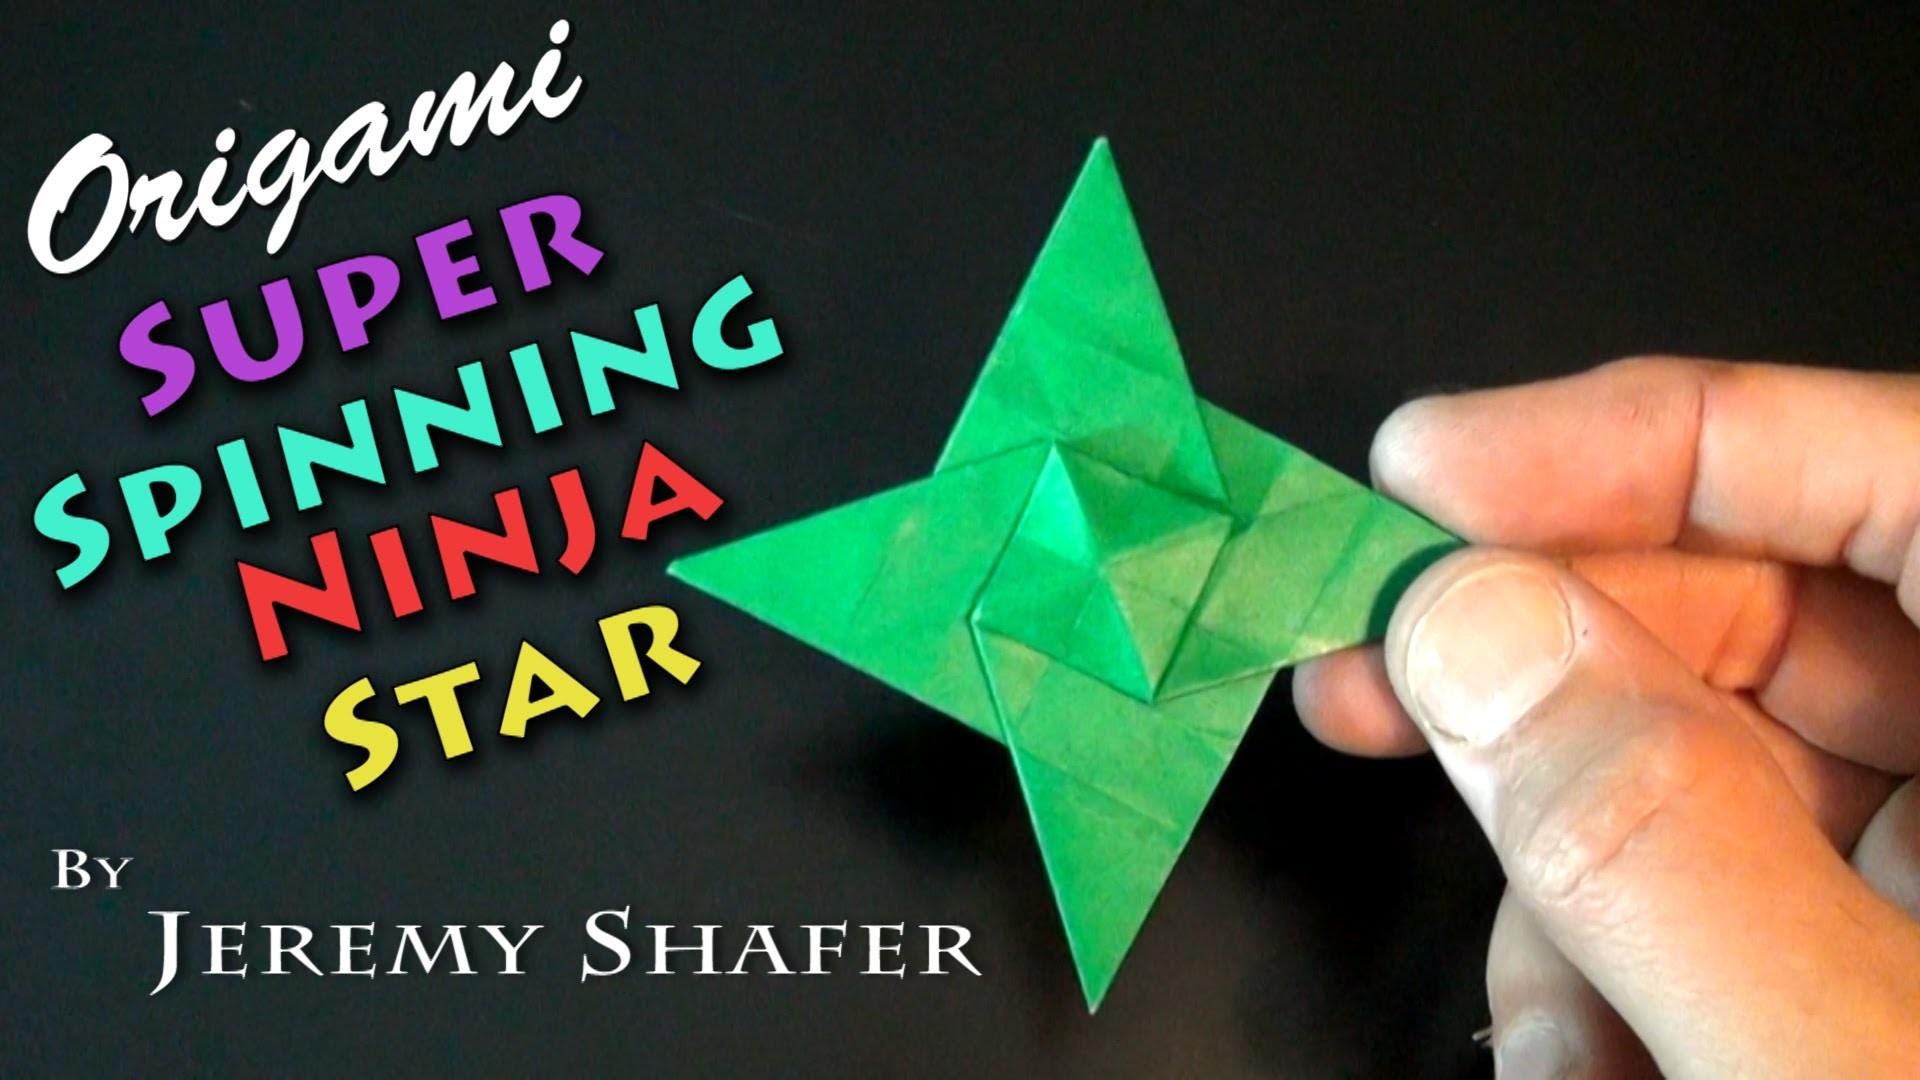 Origami Super Spinning Ninja Star